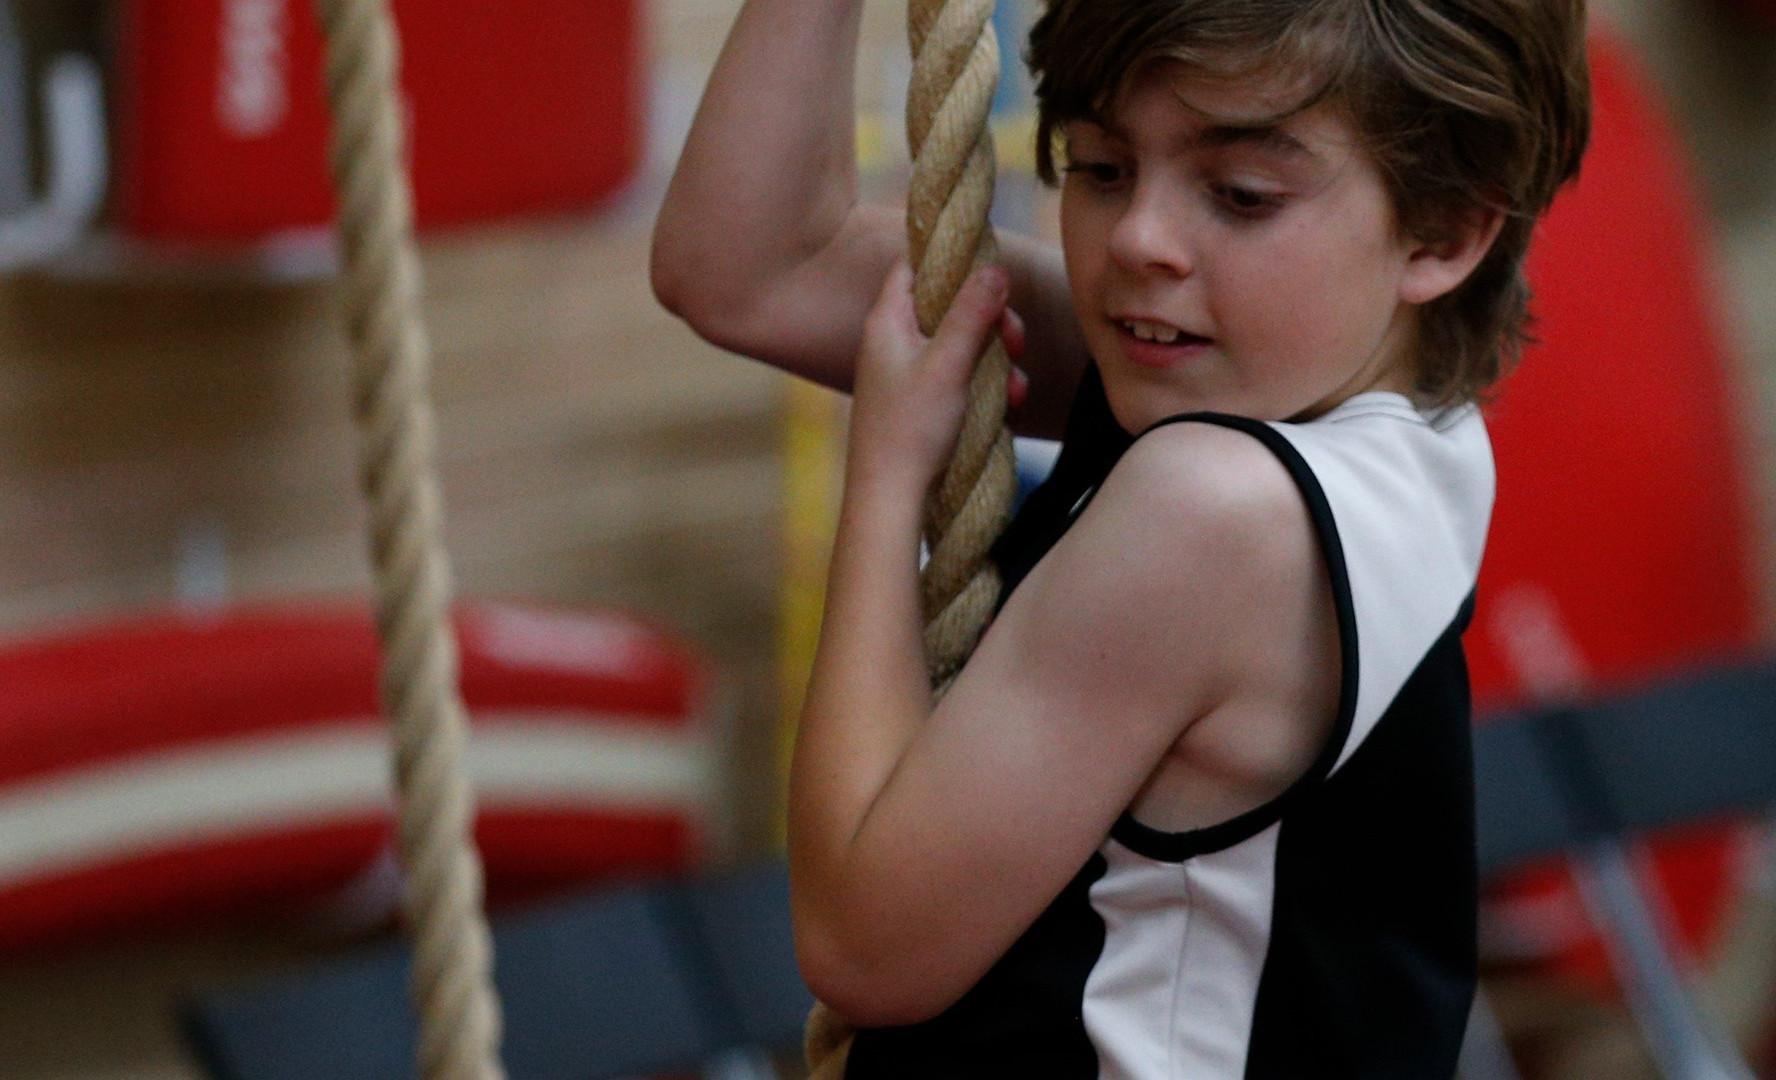 GymnasticsWA-FestivalofGymnastics-10Nov2